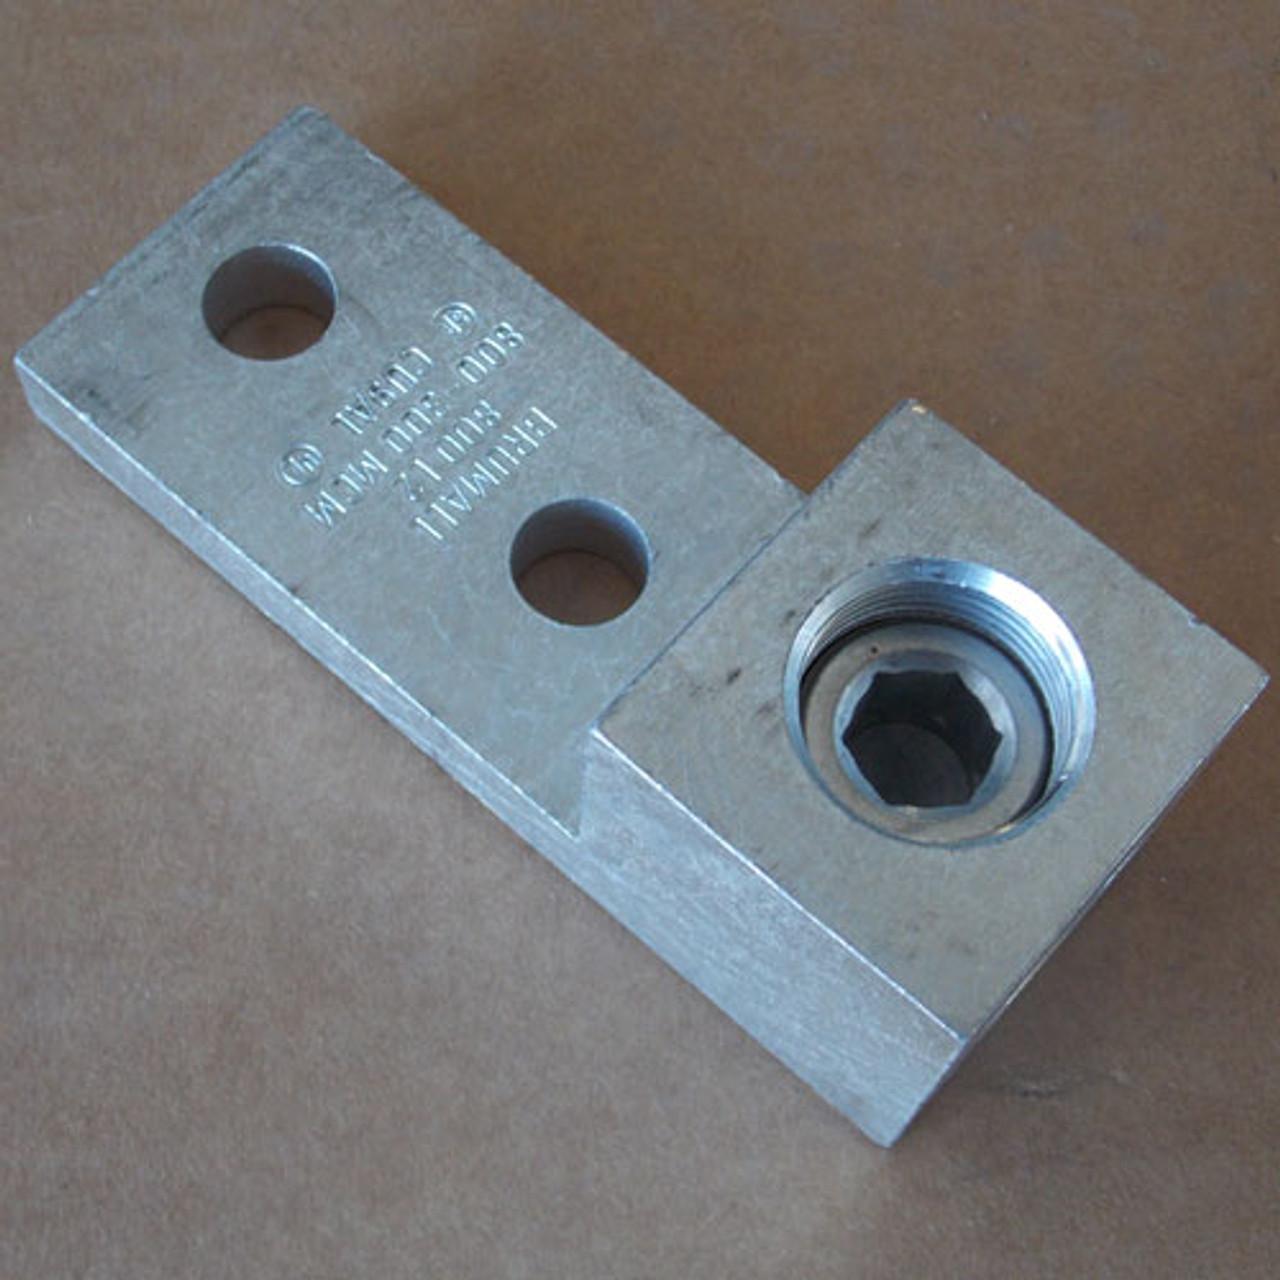 2Pc Brumall 800L2 800 - 300 MCM Single Hole Lug CU9AL New